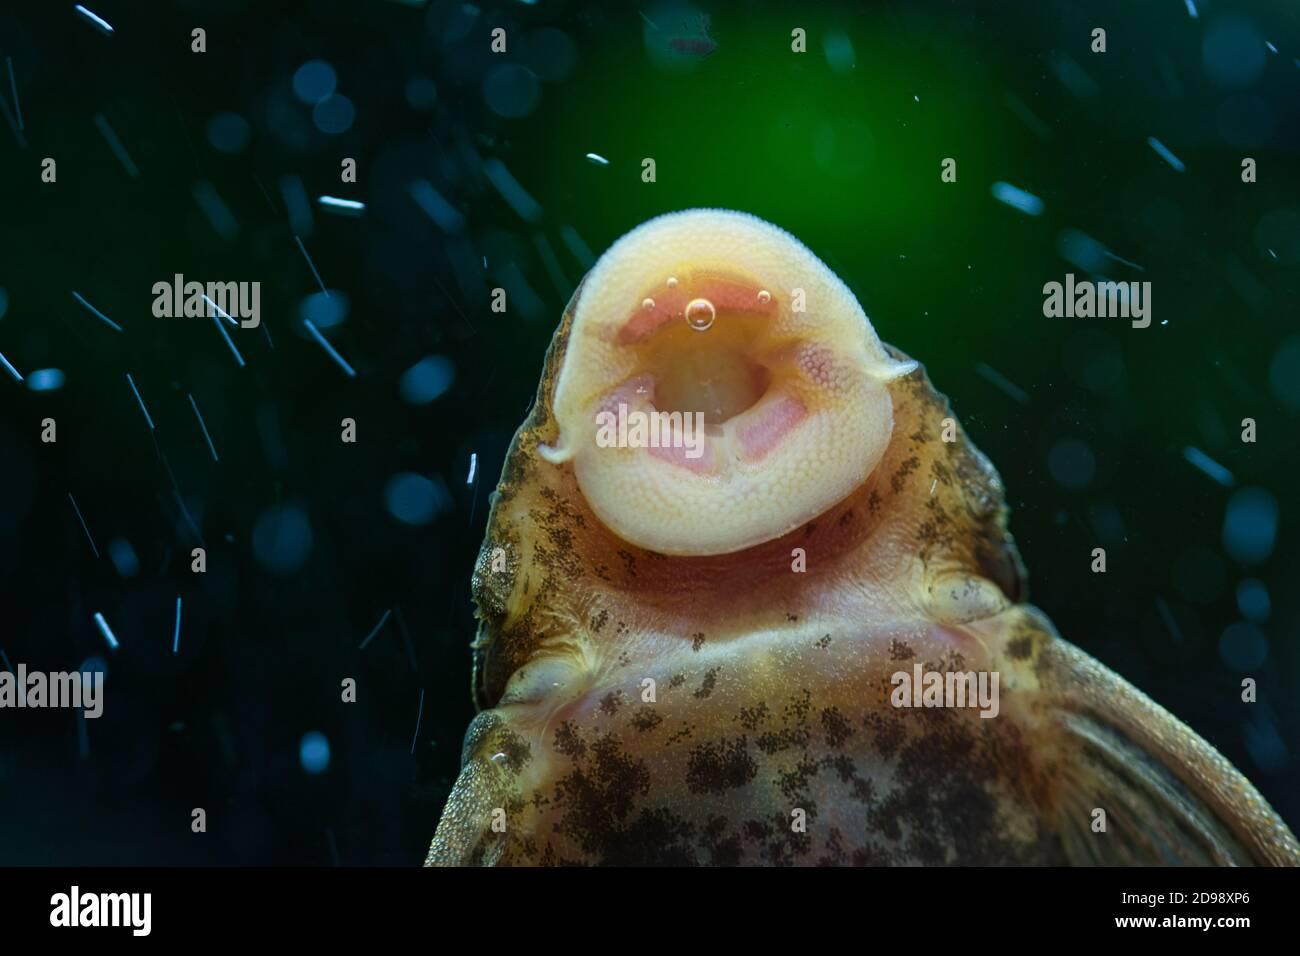 Ein Algenfresser Fisch saugt Algen von Aquarium-Tankwand, detaillierte Nahaufnahme Textur der Fische Mund und Unterseite des Körpers, dunkelgrün verschwommen backgr Stockfoto